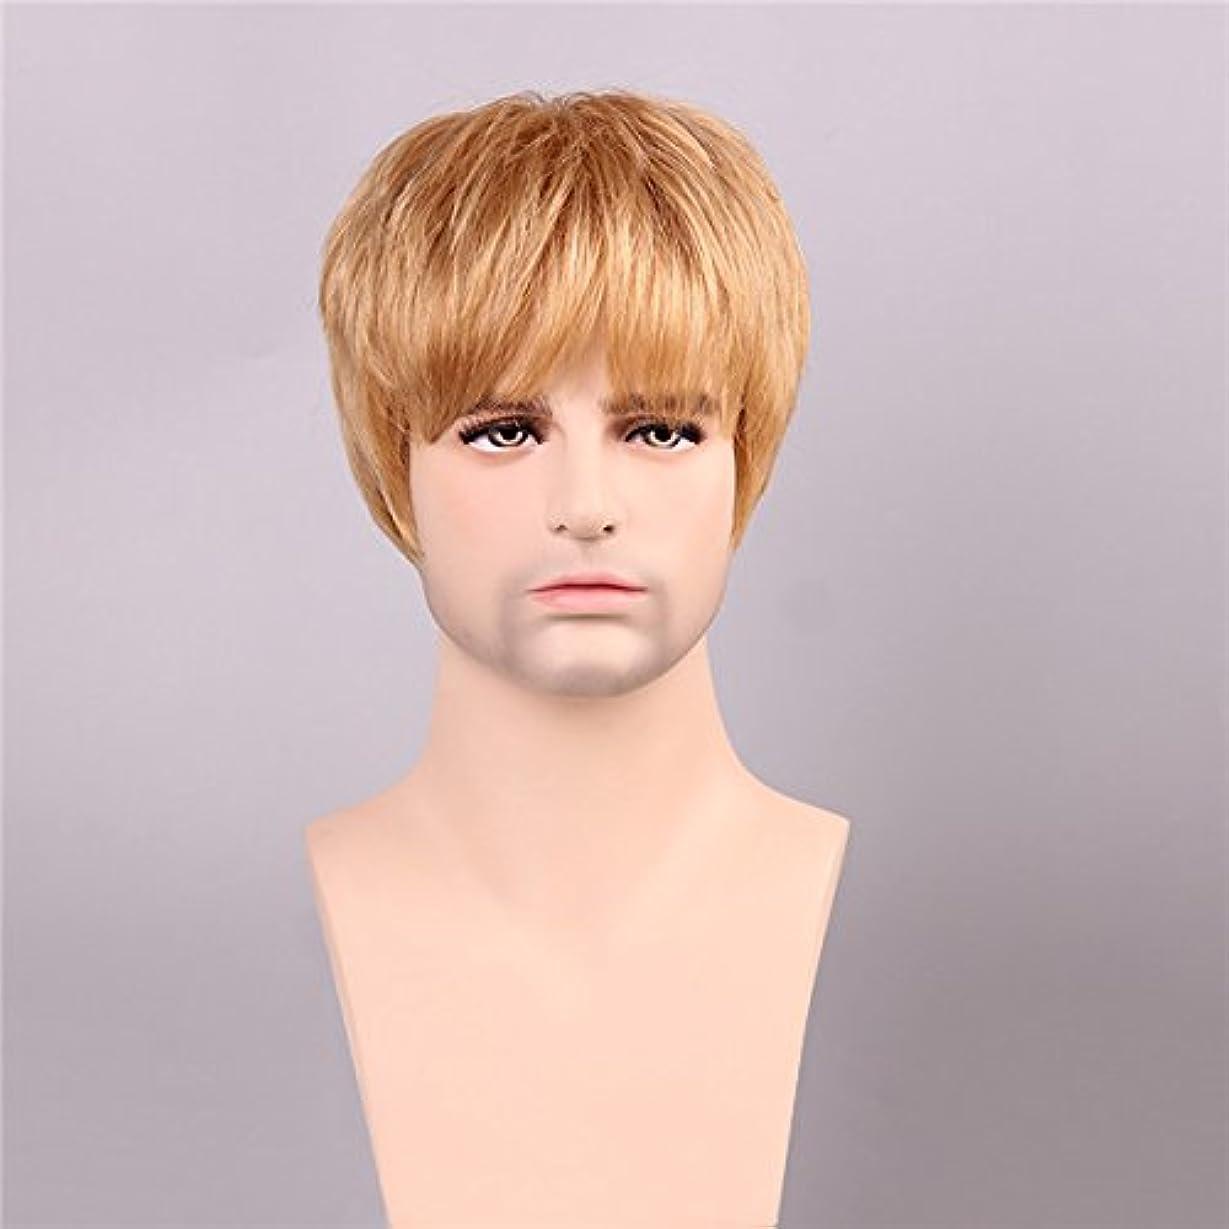 言い訳花弁満員YZUEYT 男性の人間の髪のウィッグゴールデンブラウンブロンドショートモノラルトップ男性男性レミーCapless YZUEYT (Size : One size)